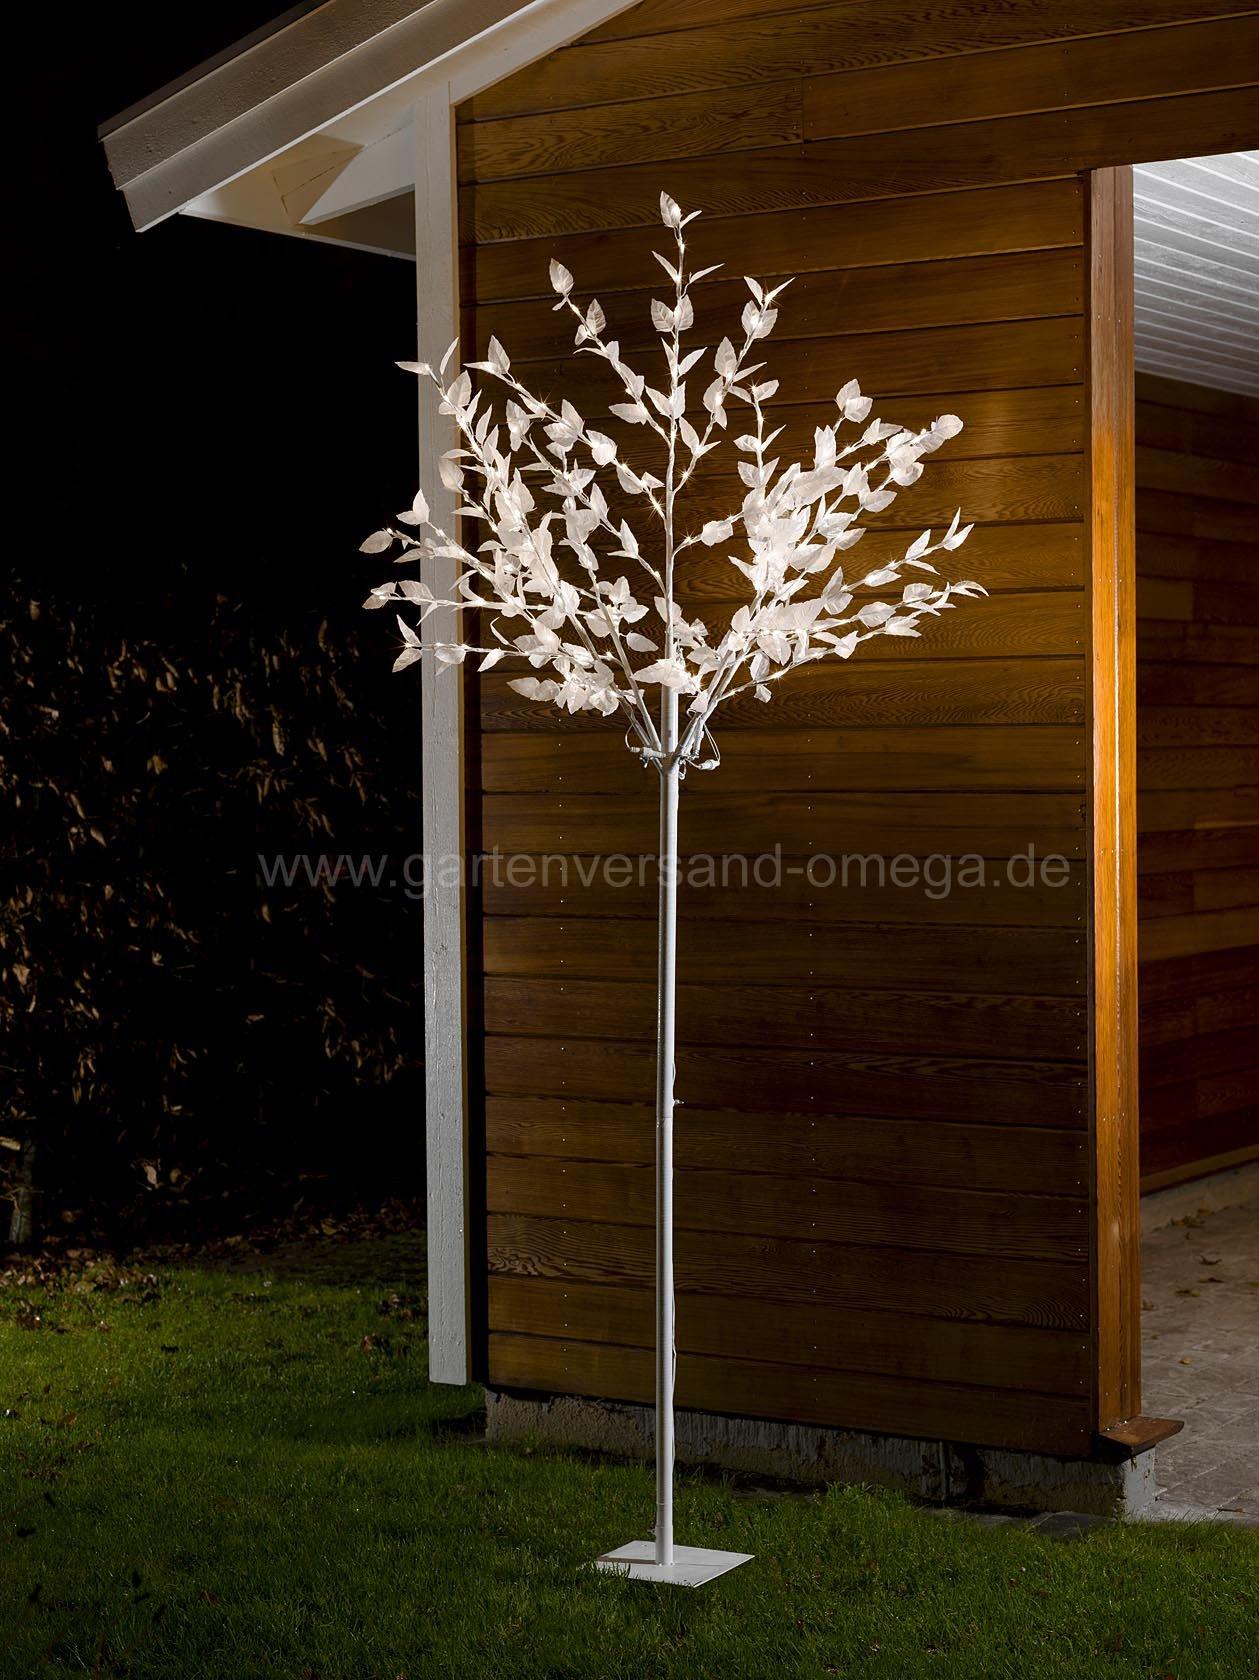 led lichterbaum mit bl ttern 250cm gro er beleuchteter. Black Bedroom Furniture Sets. Home Design Ideas